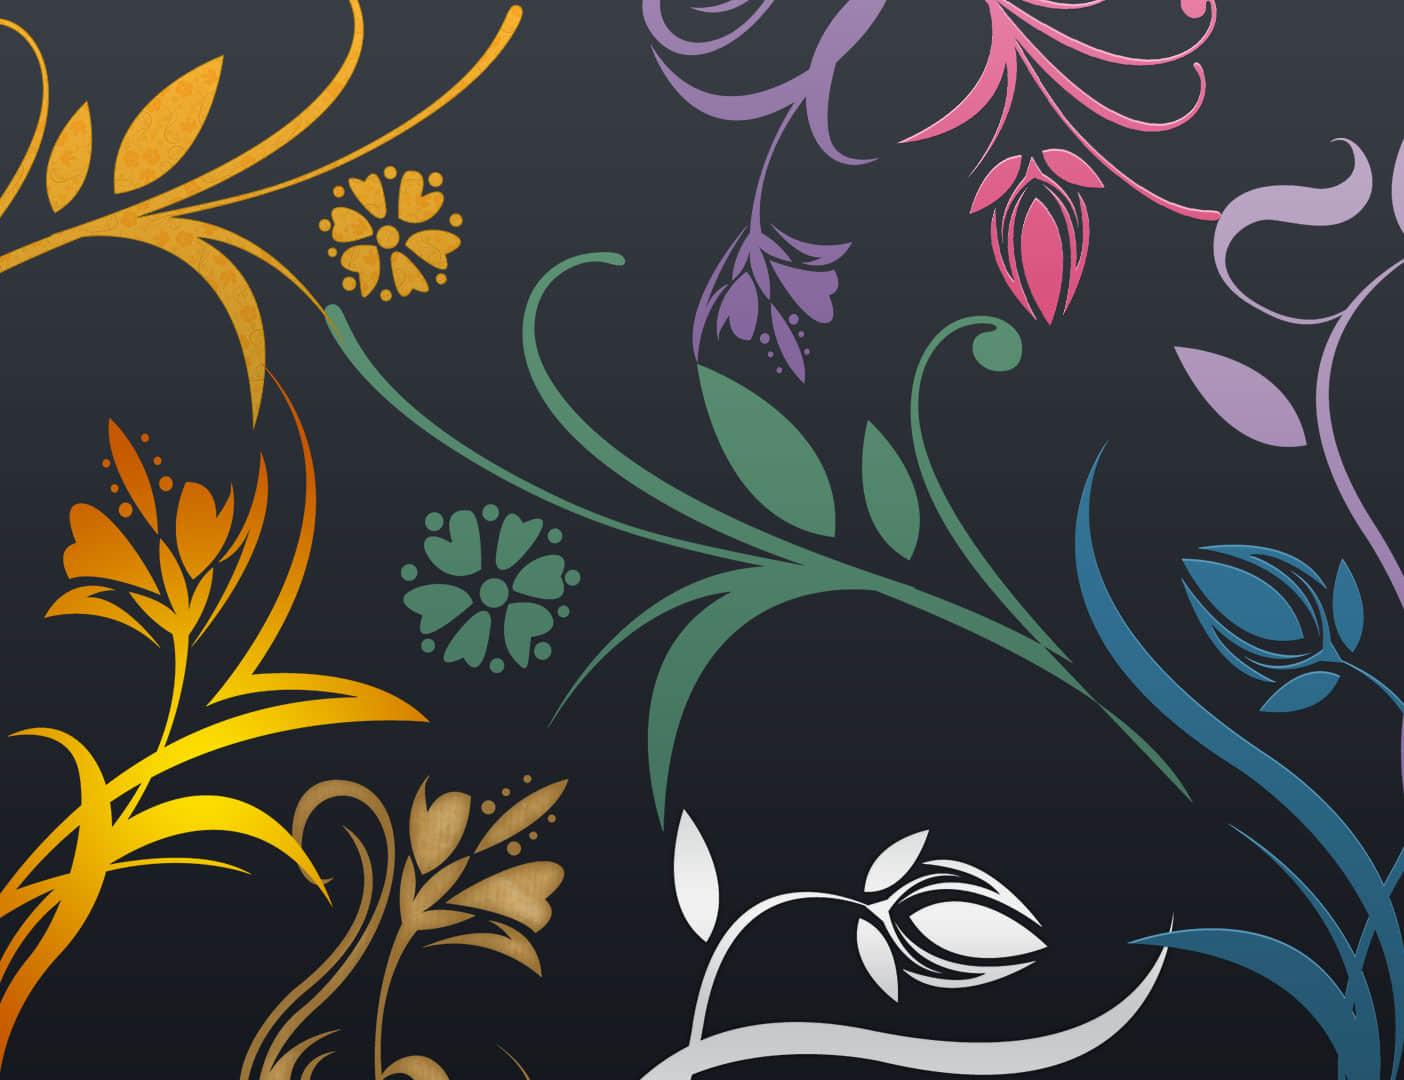 漂亮的艺术花卉图案印花纹理PS笔刷下载